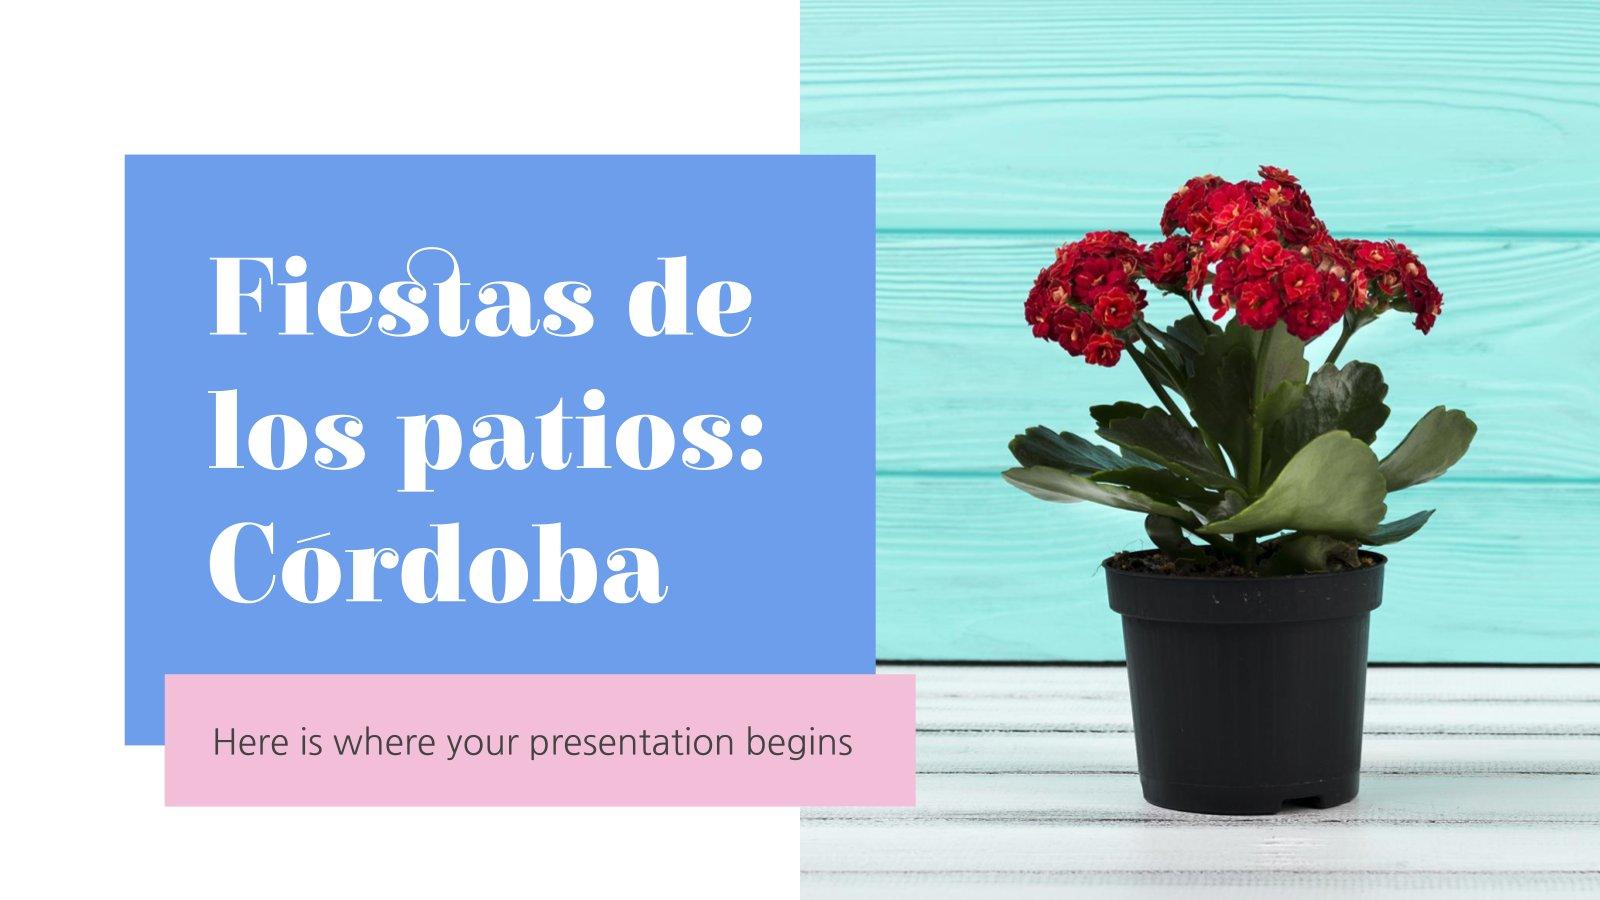 Modelo de apresentação Fiesta de los patios: Córdoba